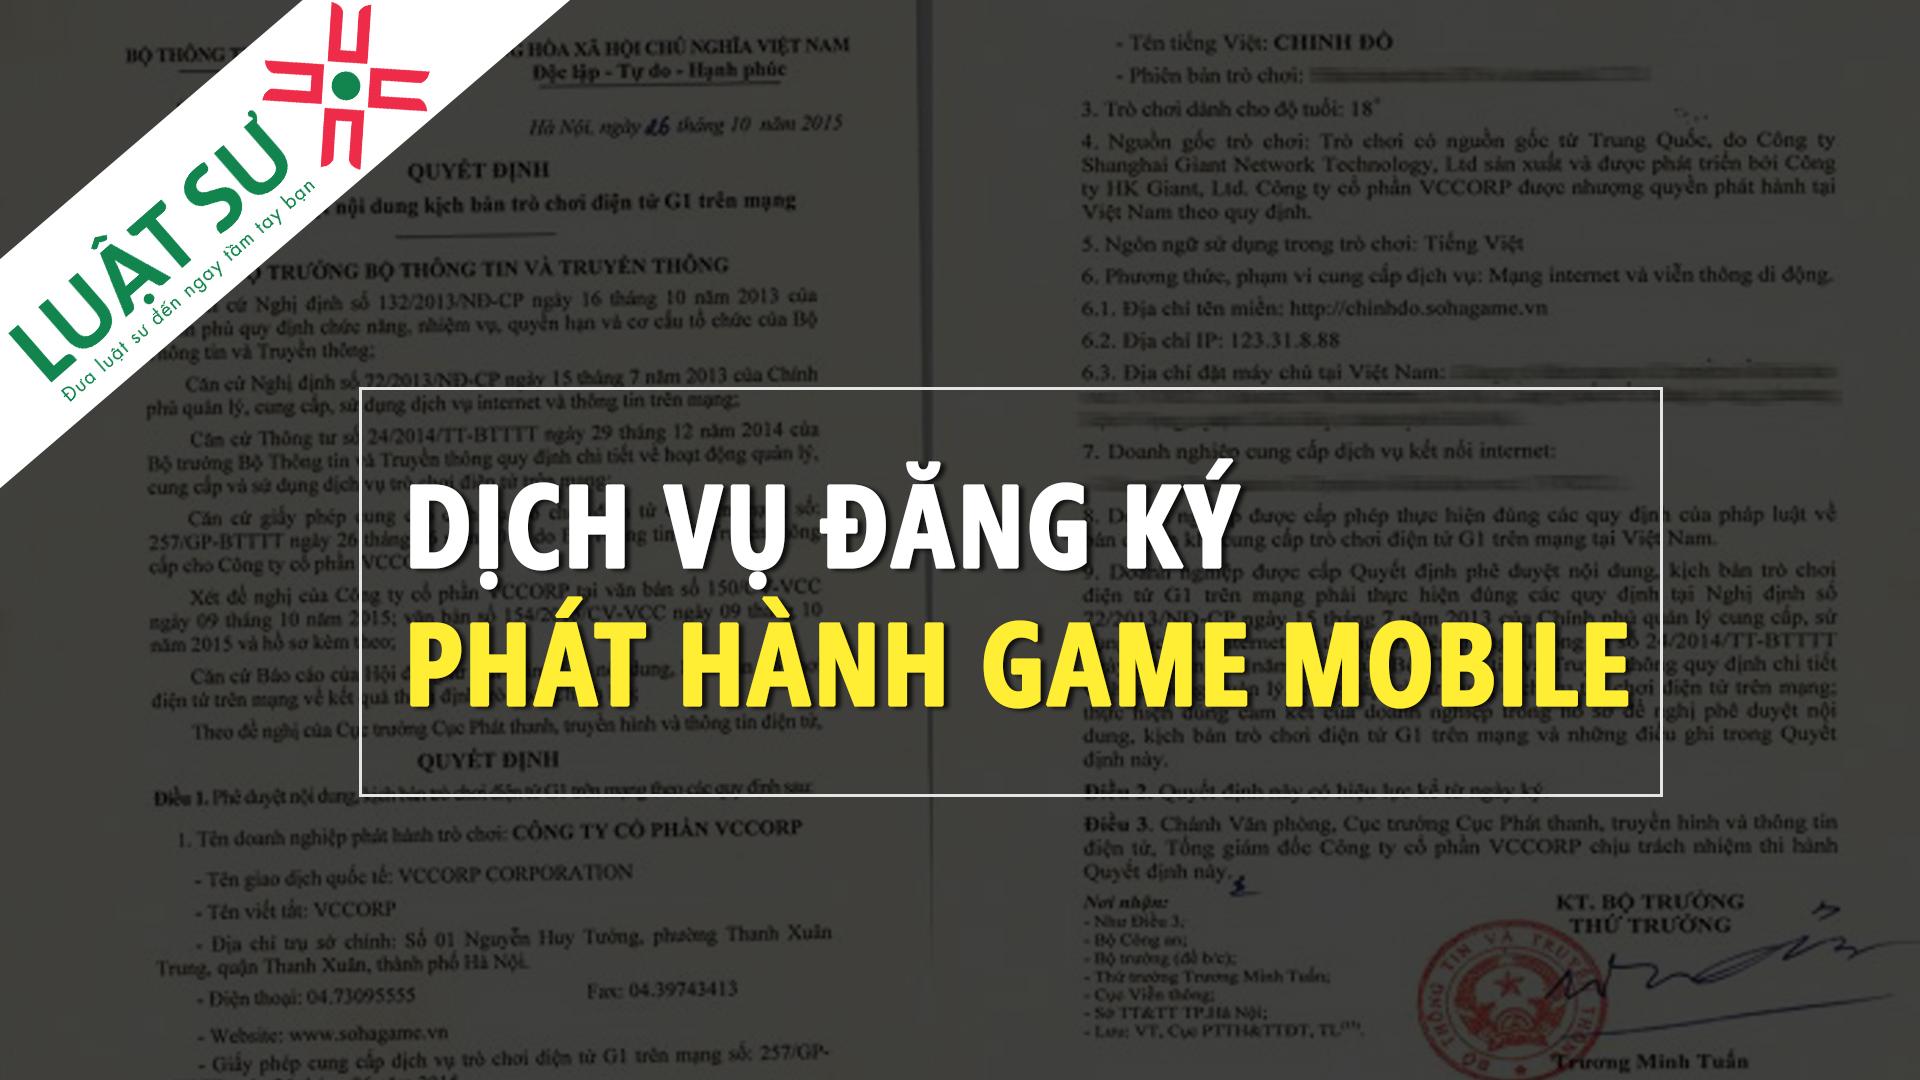 Dịch vụ đăng ký phát hành game mobile